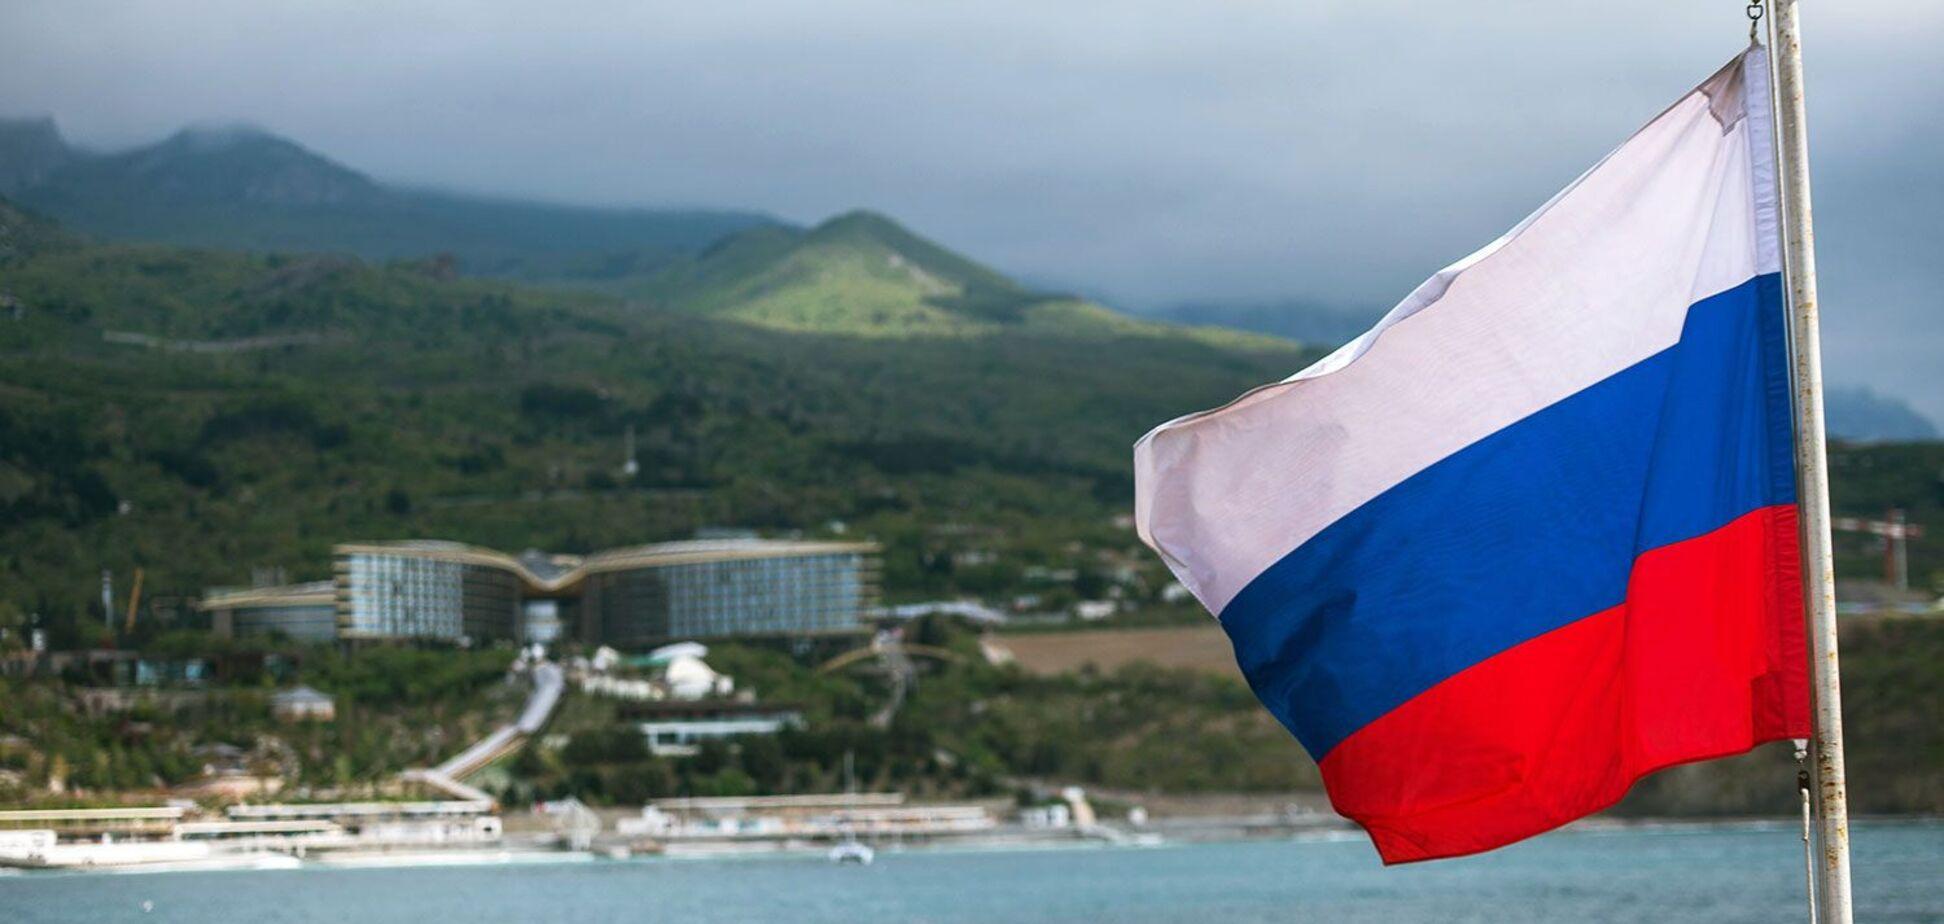 Россия начала угрожать странам в ООН из-за Крыма еще два года назад – Минреинтеграции